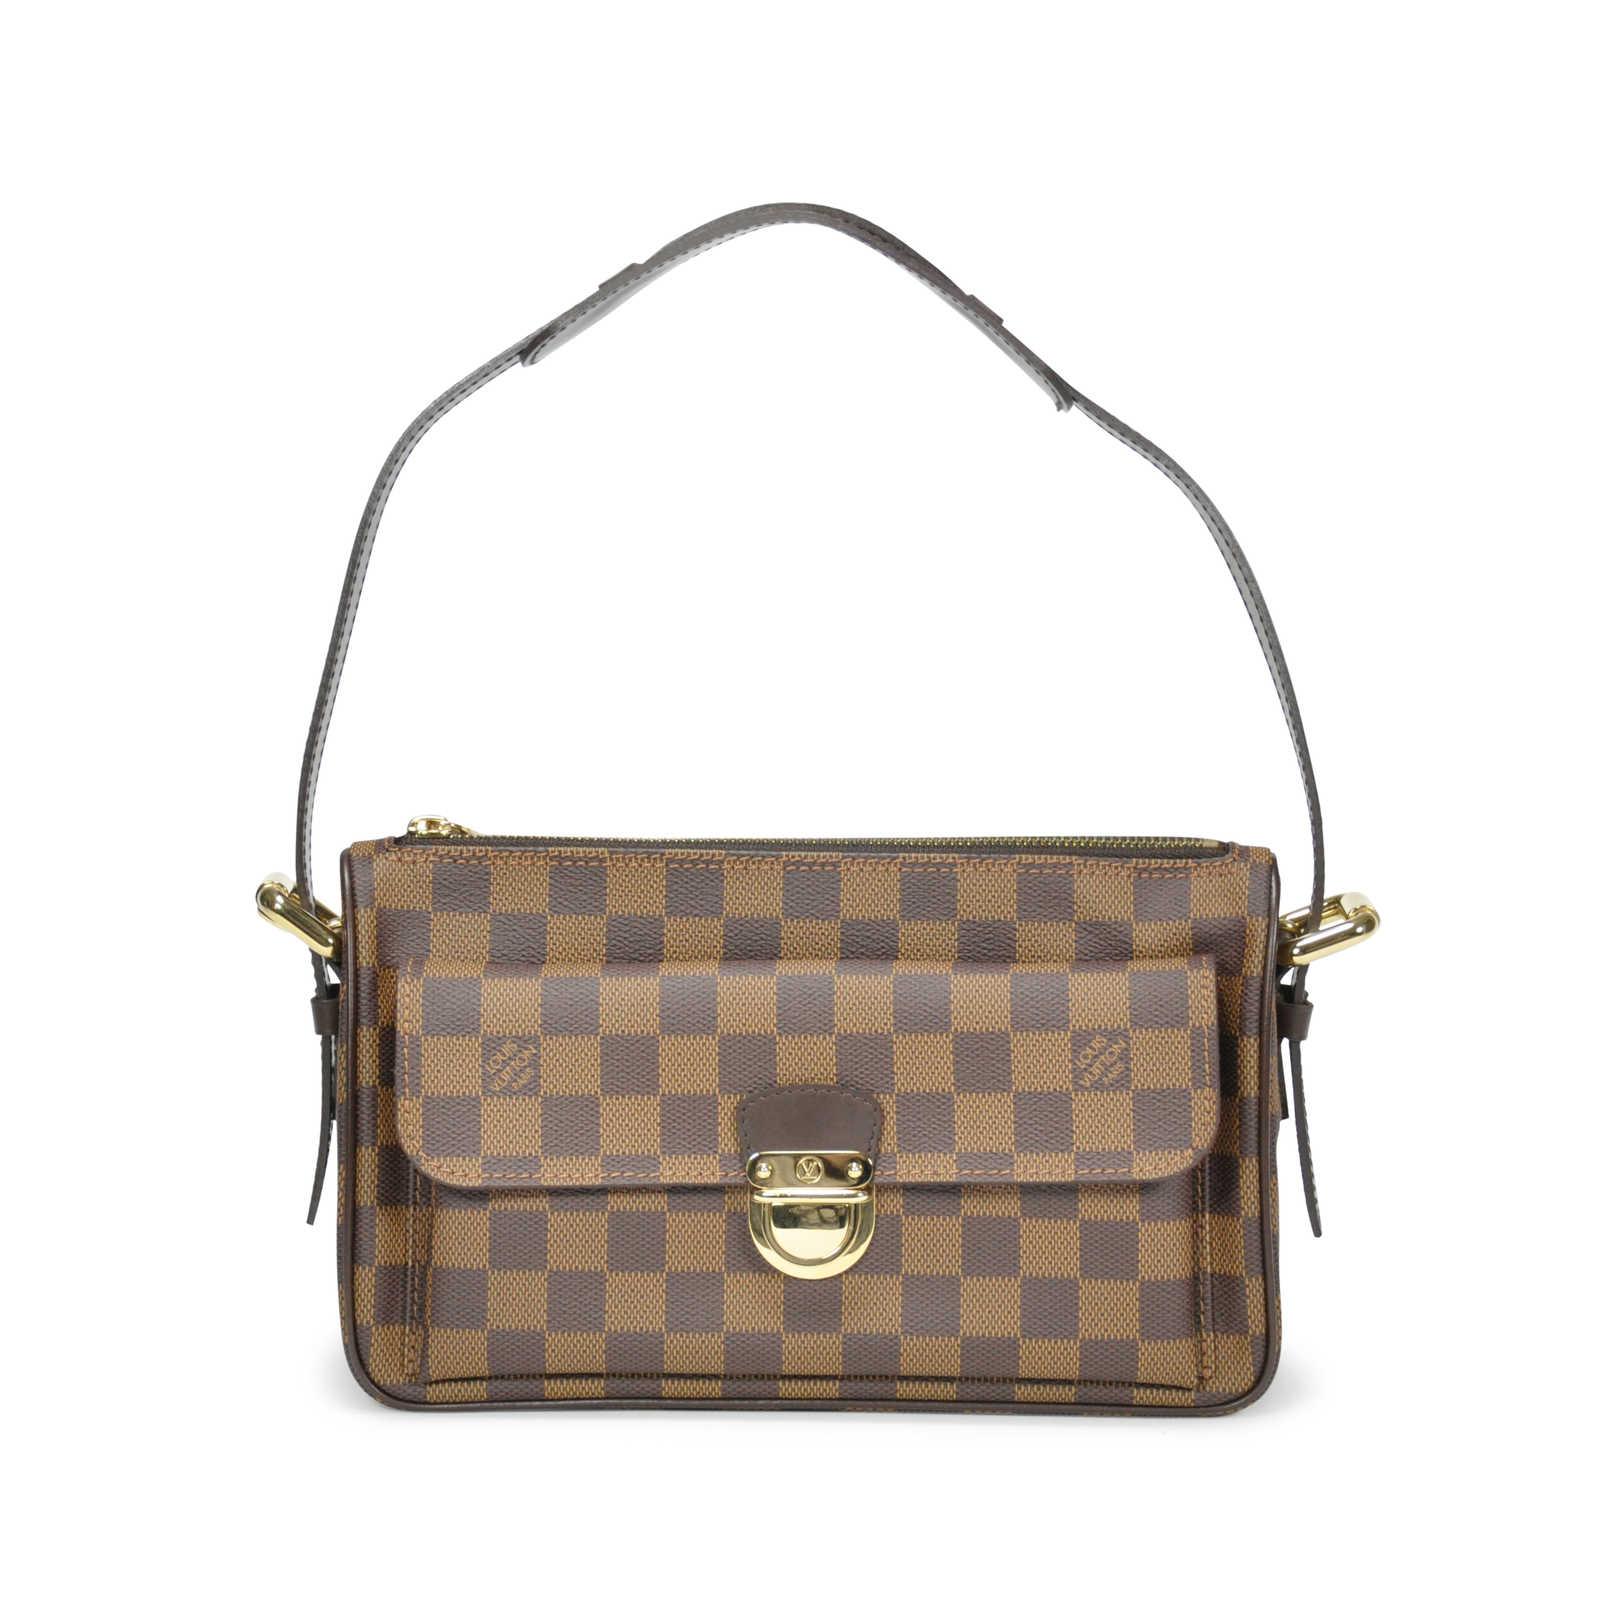 c5da7599fa23 Tap to expand · Authentic Second Hand Louis Vuitton Ravello GM Ebene Damier  Canvas Shoulder Bag (TFC-852 ...